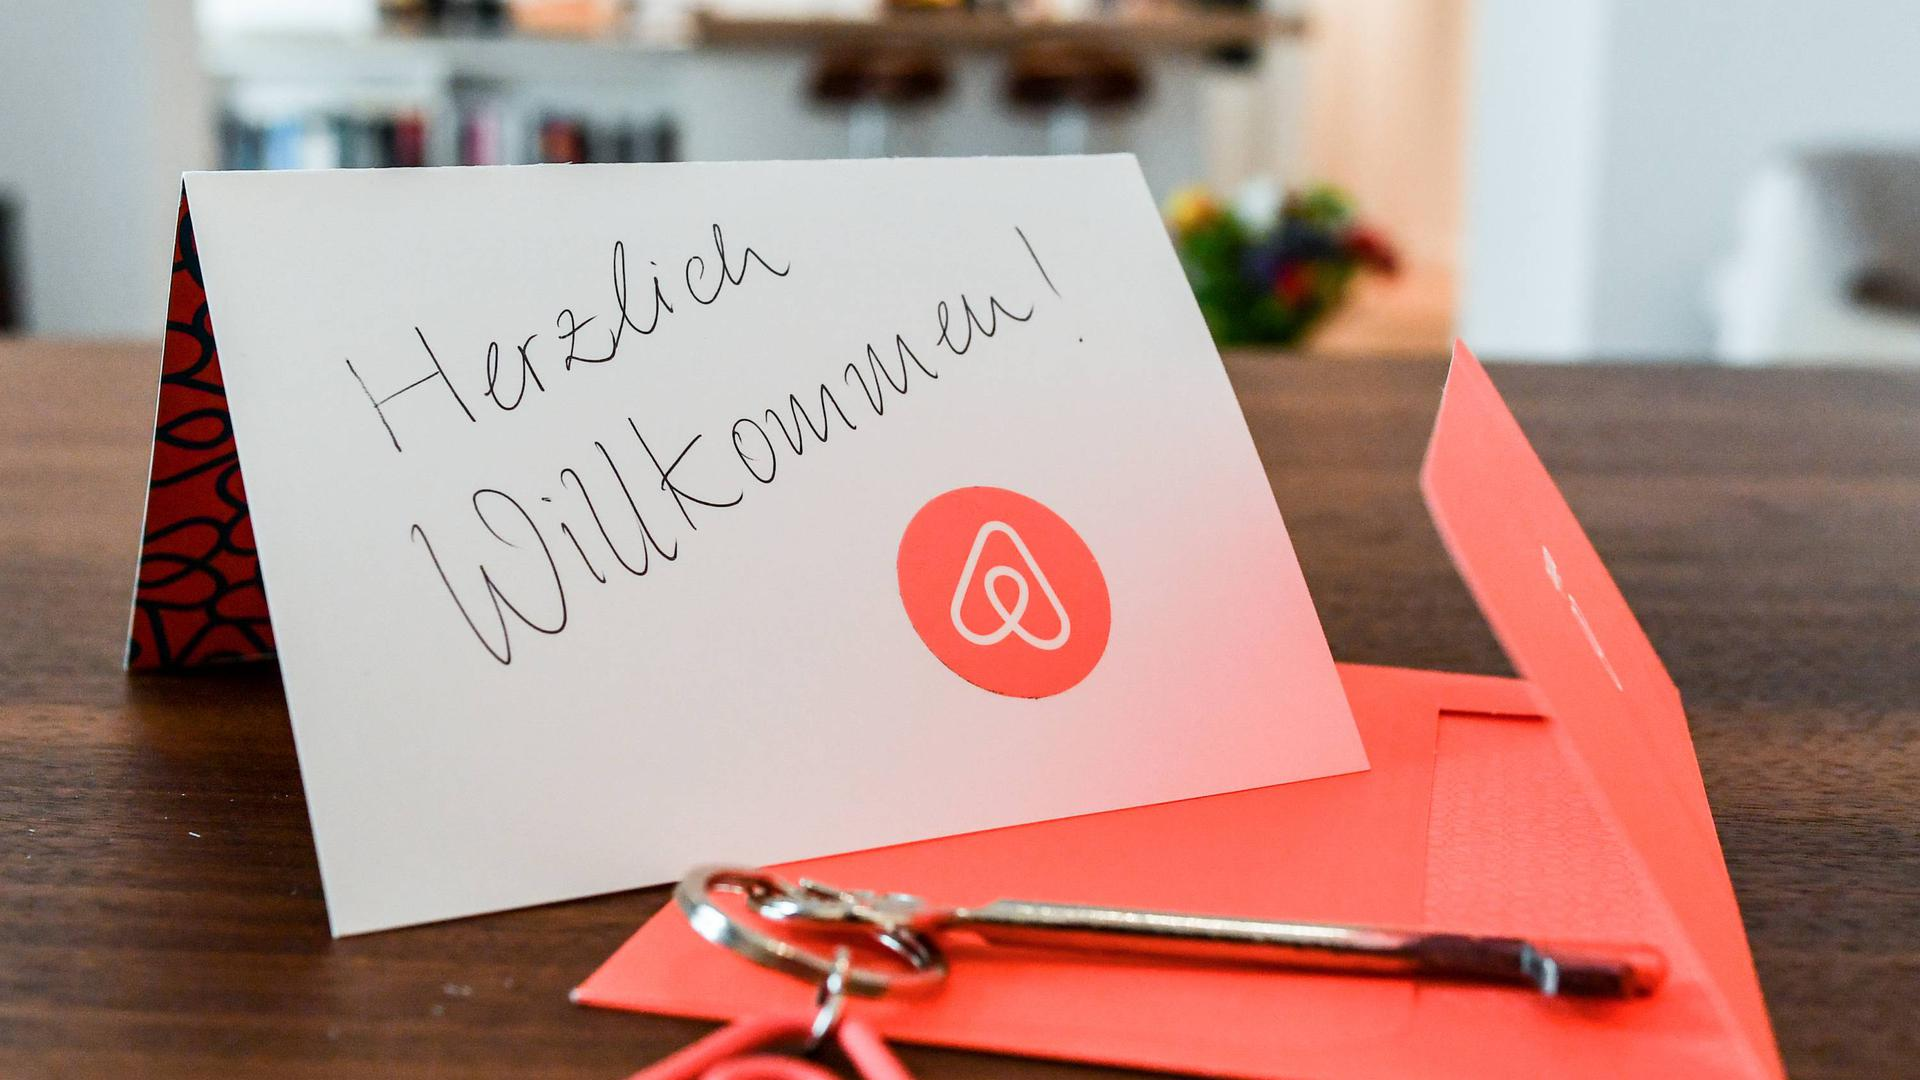 ARCHIV - ILLUSTRATION - 16.04.2018, Berlin: Ein Schlüssel mit einem Airbnb-Anhäger und eine Herzlich-Willkommen-Karte liegen in der Wohnung eines Airbnb-Gastgebers (Gestellte Aufnahme). Die Internetplattform verstoße mit teils unklaren Preisangaben und unzulässigen Geschäftsbedingungen gegen EU-Recht und habe bis Ende August Zeit für Korrekturen, erklärte die Brüsseler Behörde am 16.07.2018 gemeinsam mit europäischen Verbraucherschutzbehörden. (zu dpa «EU-Kommission mahnt Airbnb wegen Regelverstößen ab» vom 16.07.2018) Foto: Jens Kalaene/dpa-Zentralbild/dpa +++ dpa-Bildfunk +++   Verwendung weltweit